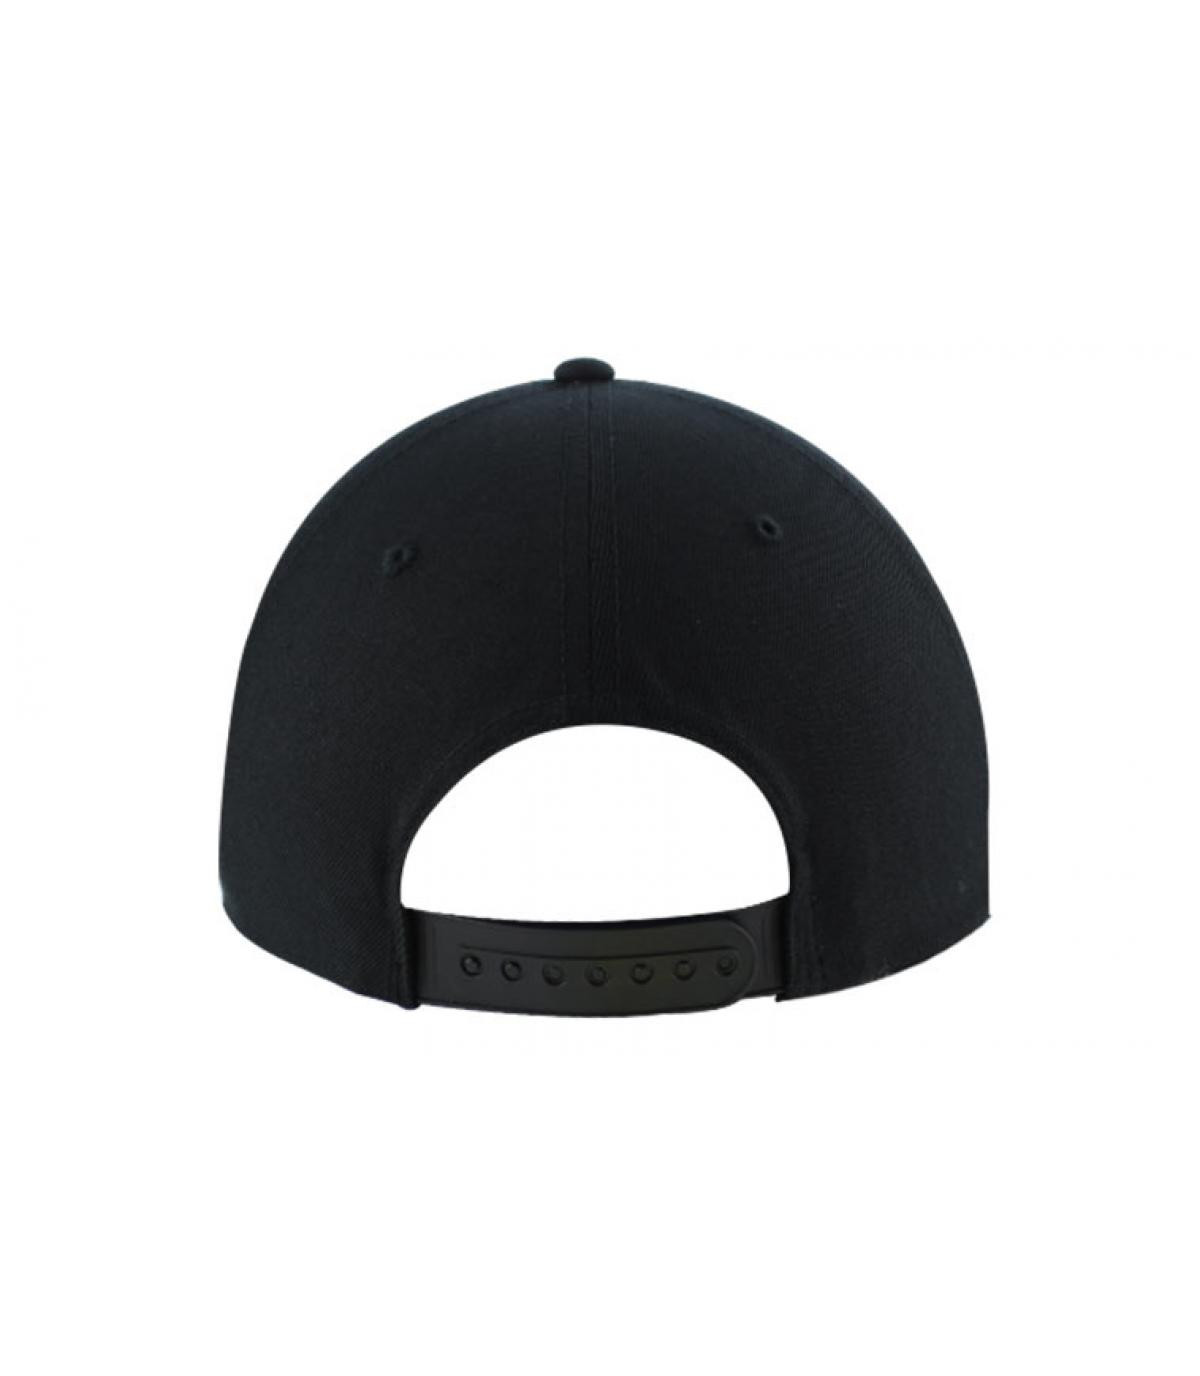 Snapback blanc noir visiere cuir